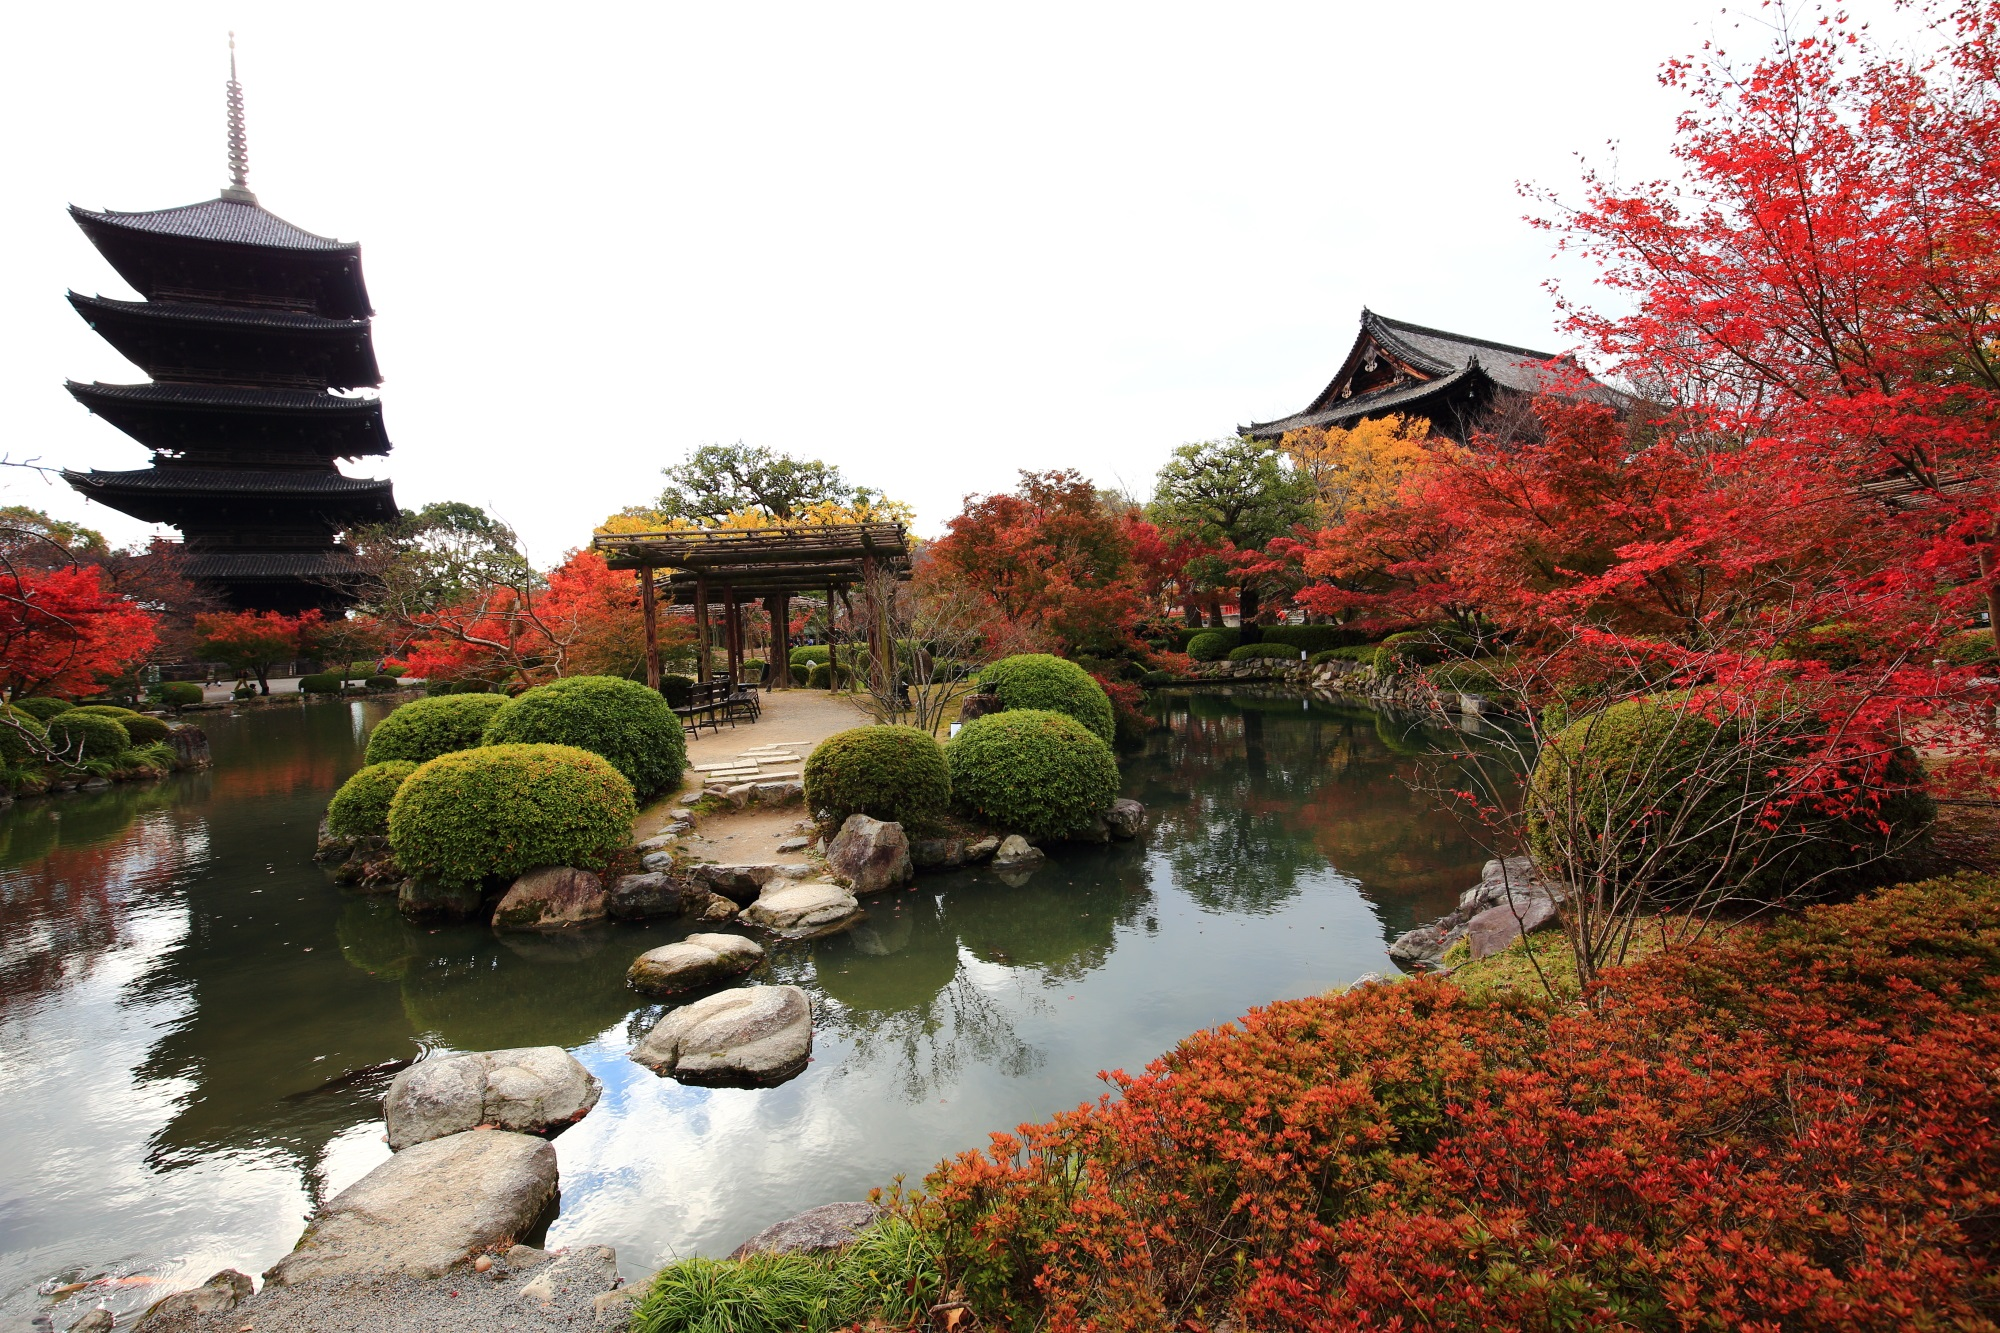 五重塔と瓢箪池と秋の彩り